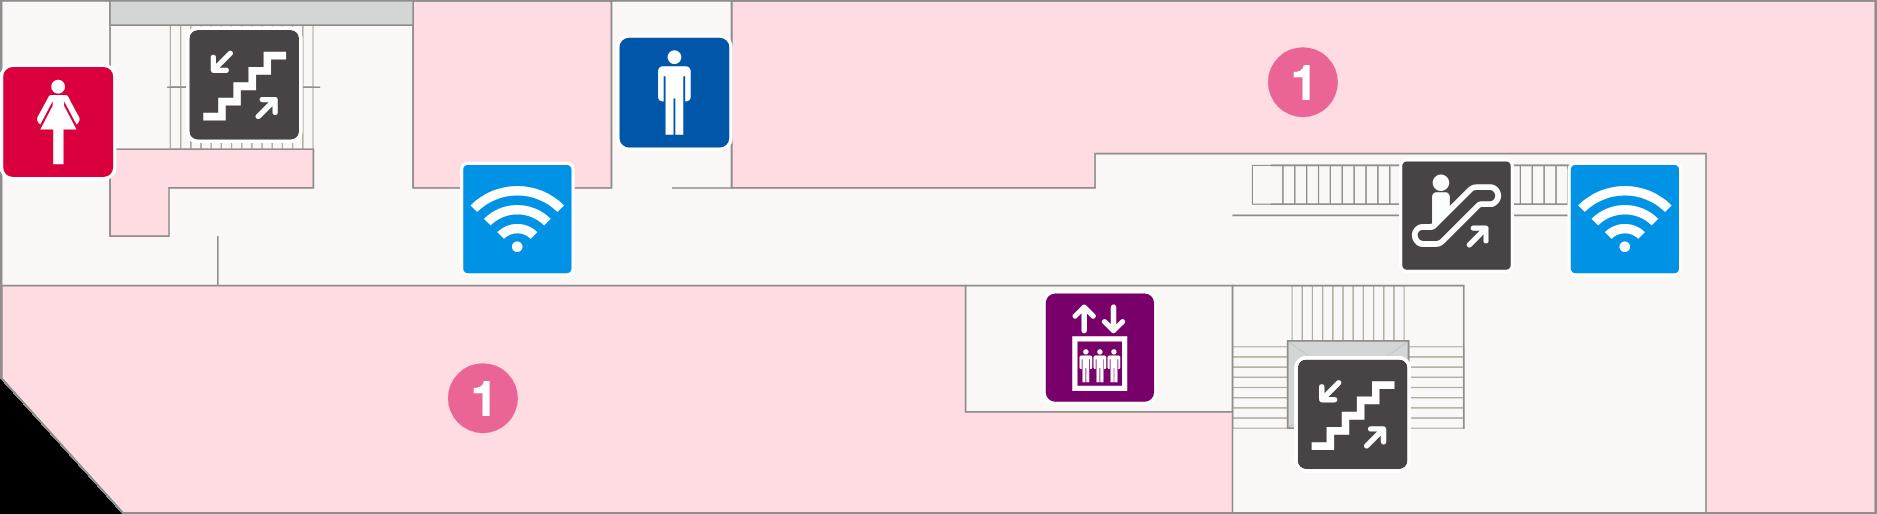 フェスタビル マップ2F